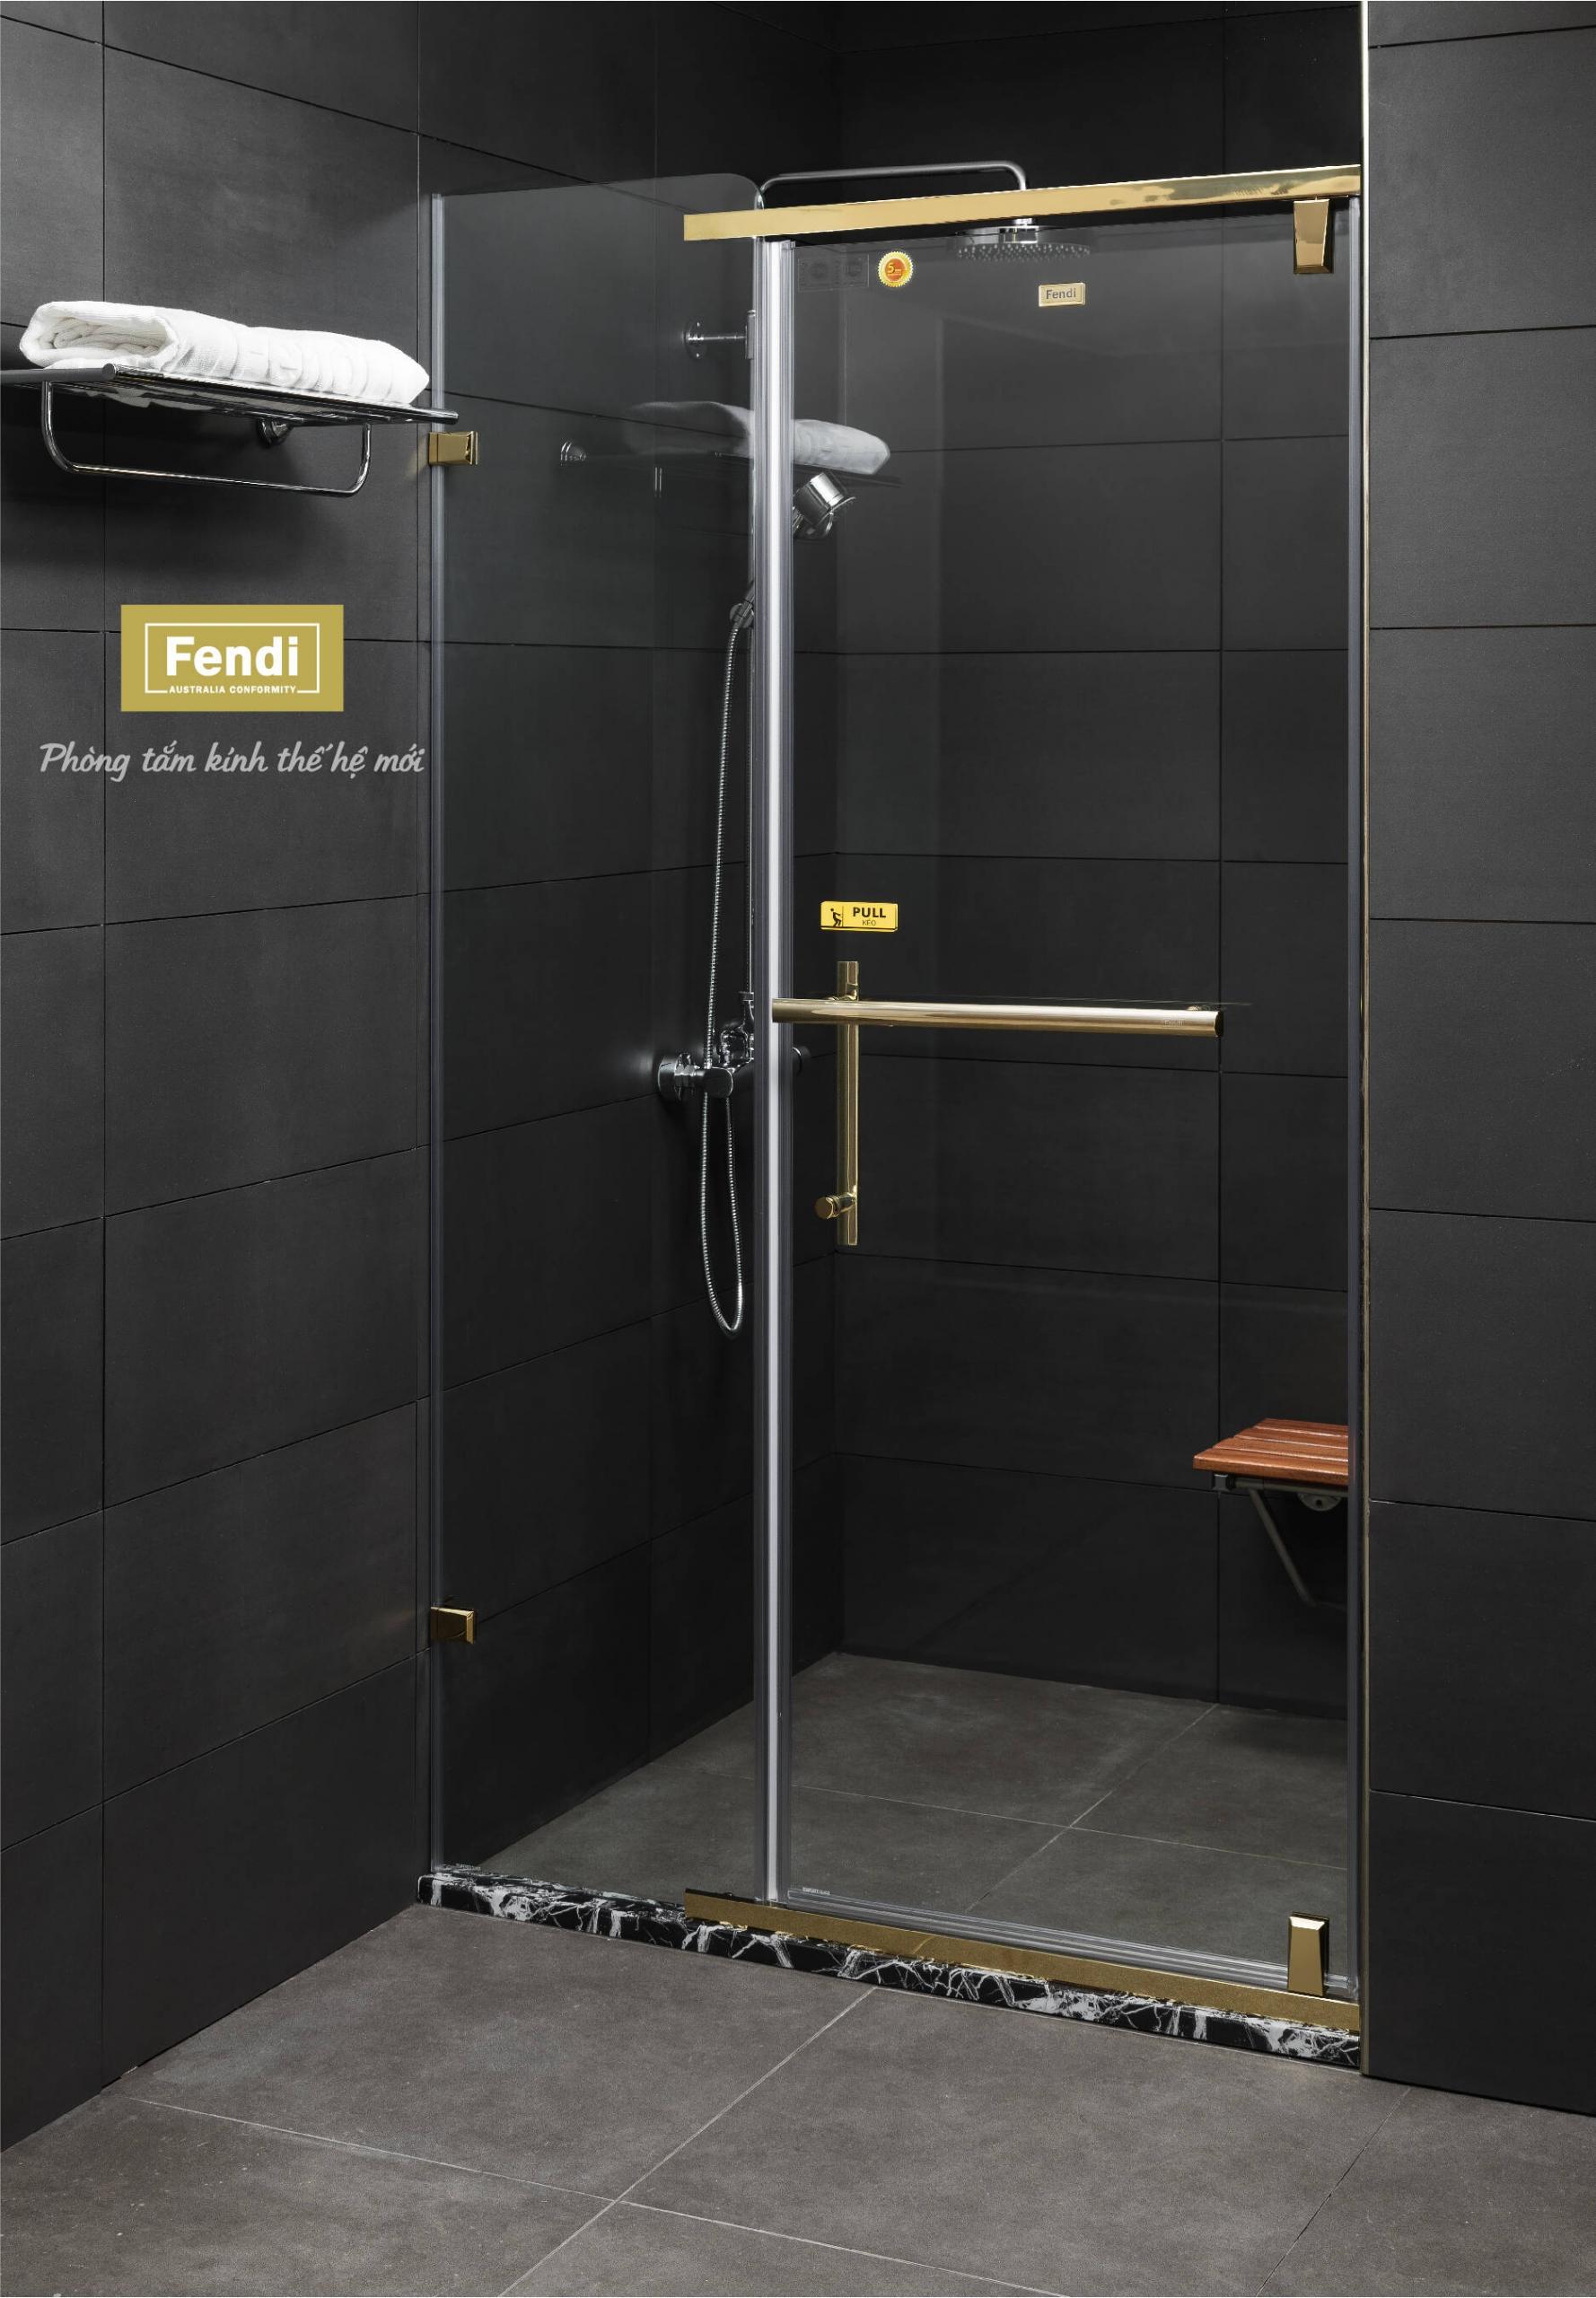 Nếu đảm bảo thực hiện đúng theo những thông số tiêu chuẩn, các gia chủ sẽ có một phòng tắm kính an toàn và có tính thẩm mỹ cao